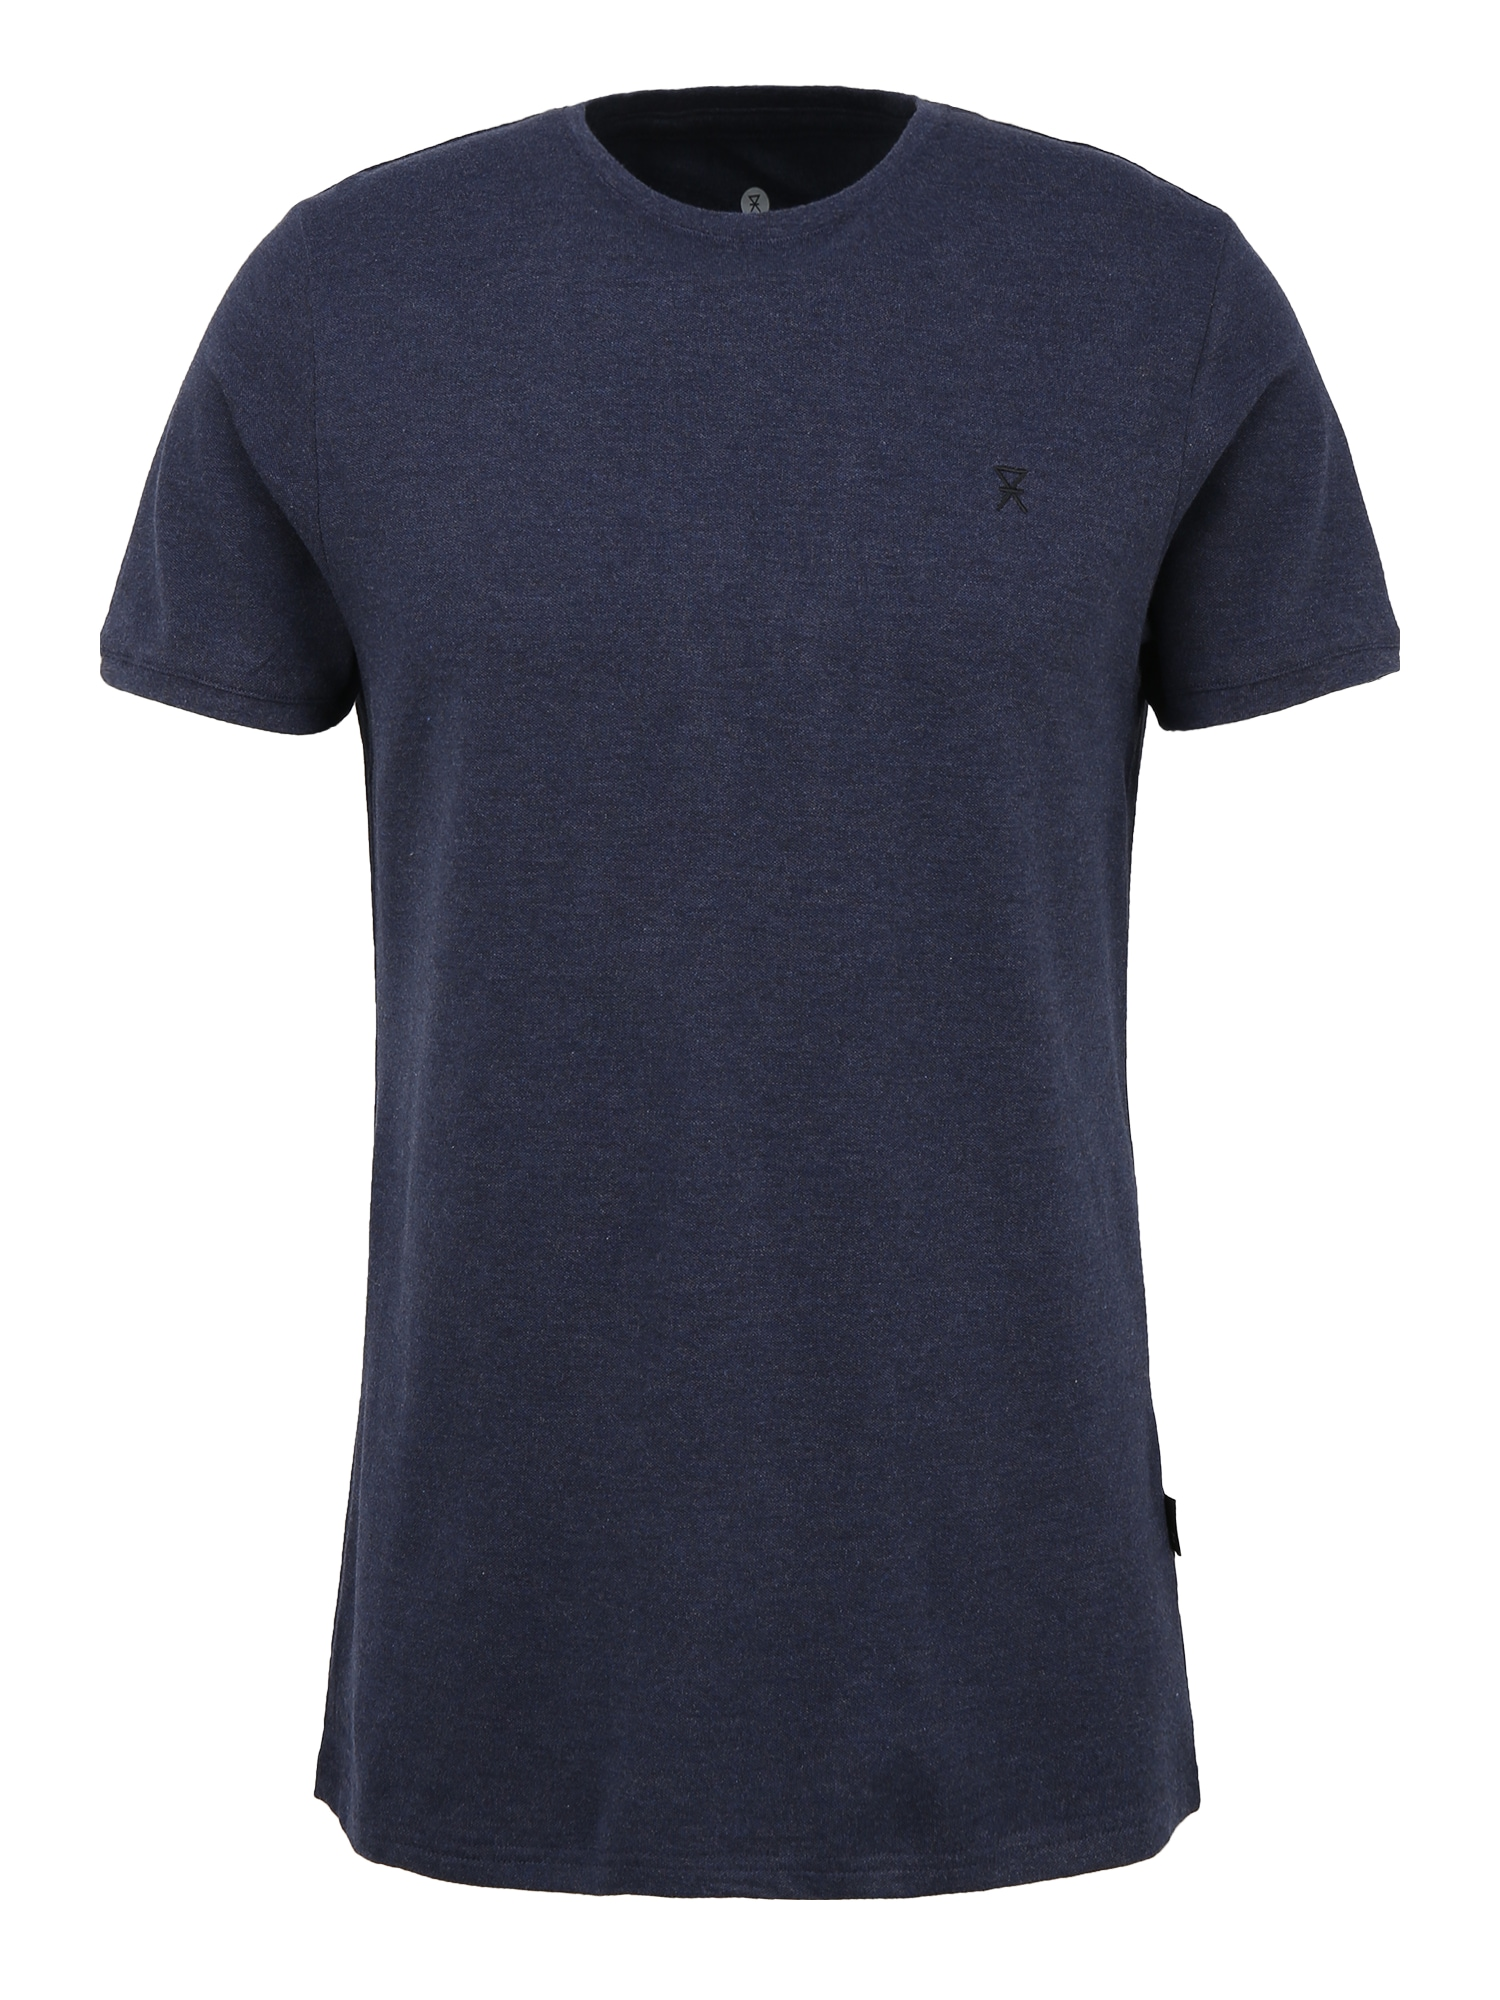 JBS OF DENMARK Apatiniai marškinėliai tamsiai mėlyna